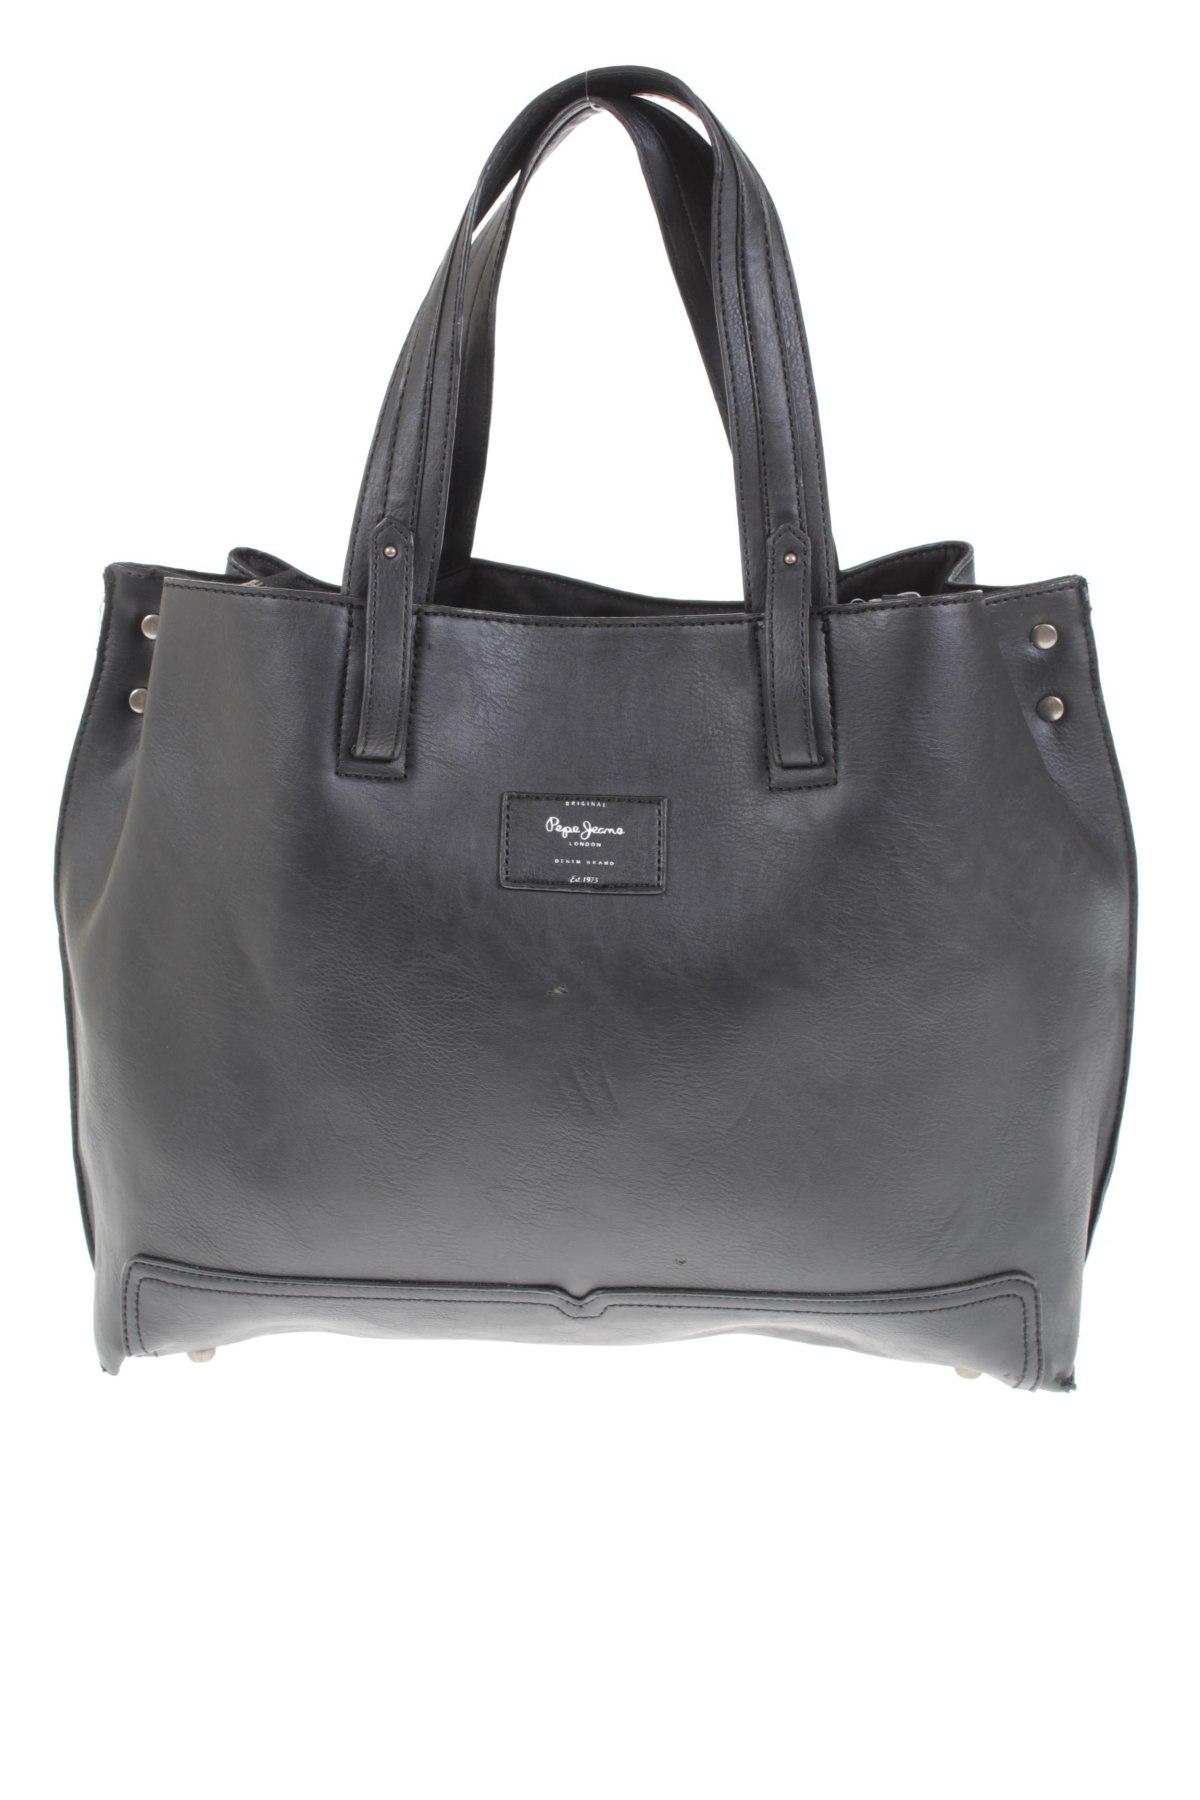 Női táska Pepe Jeans - kedvező áron Remixben -  8200419 59d0d0c237